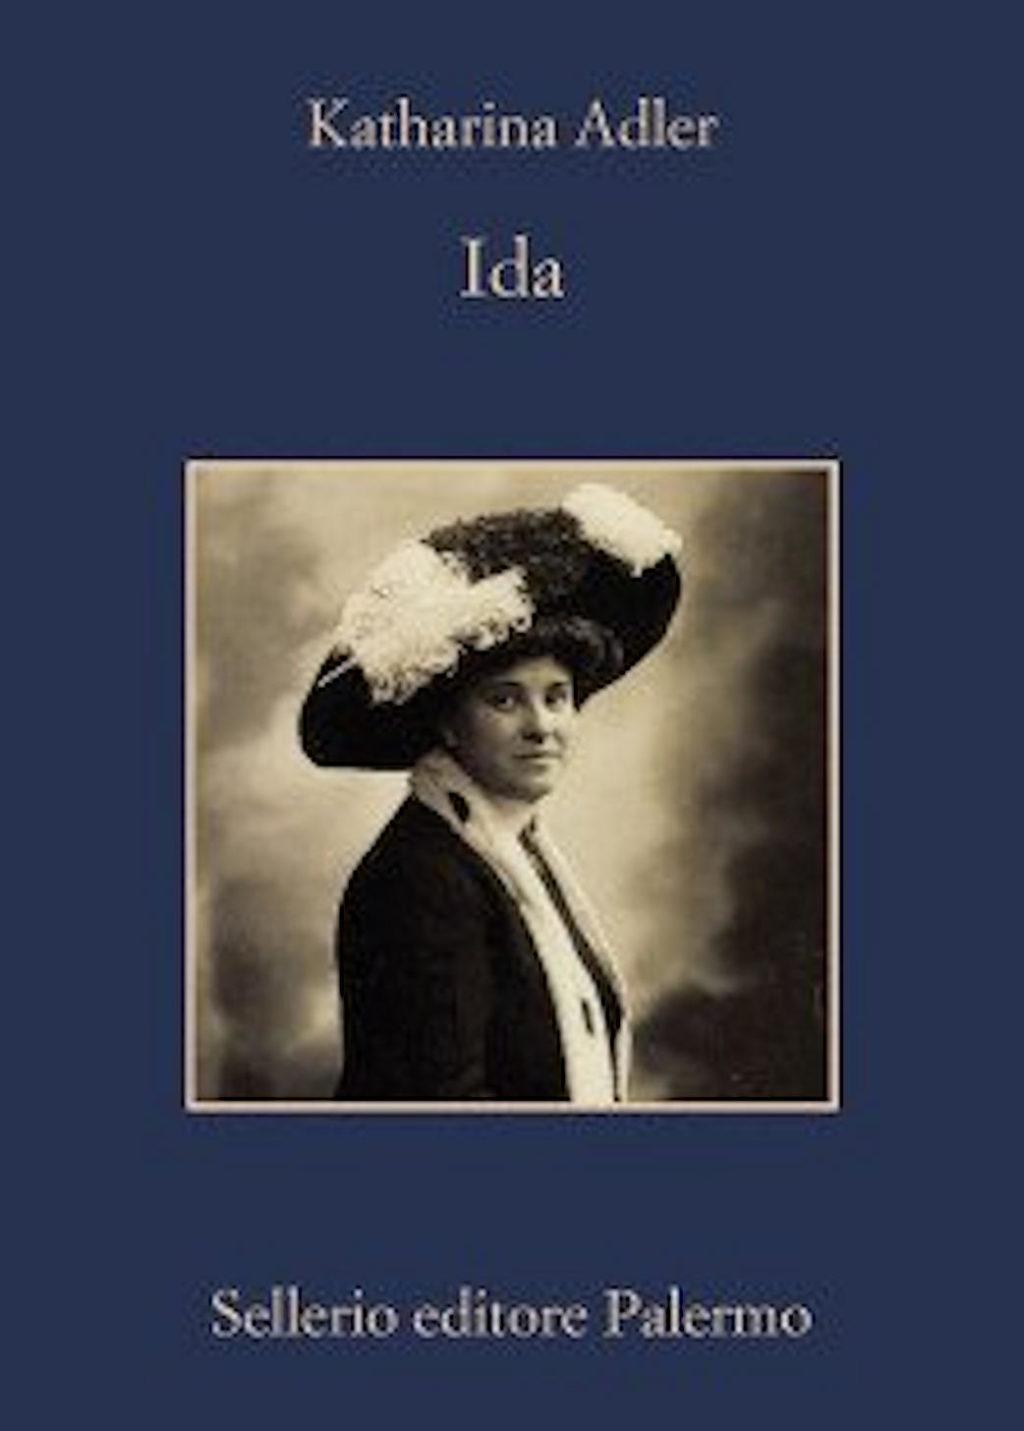 Ida – Katharina Adler